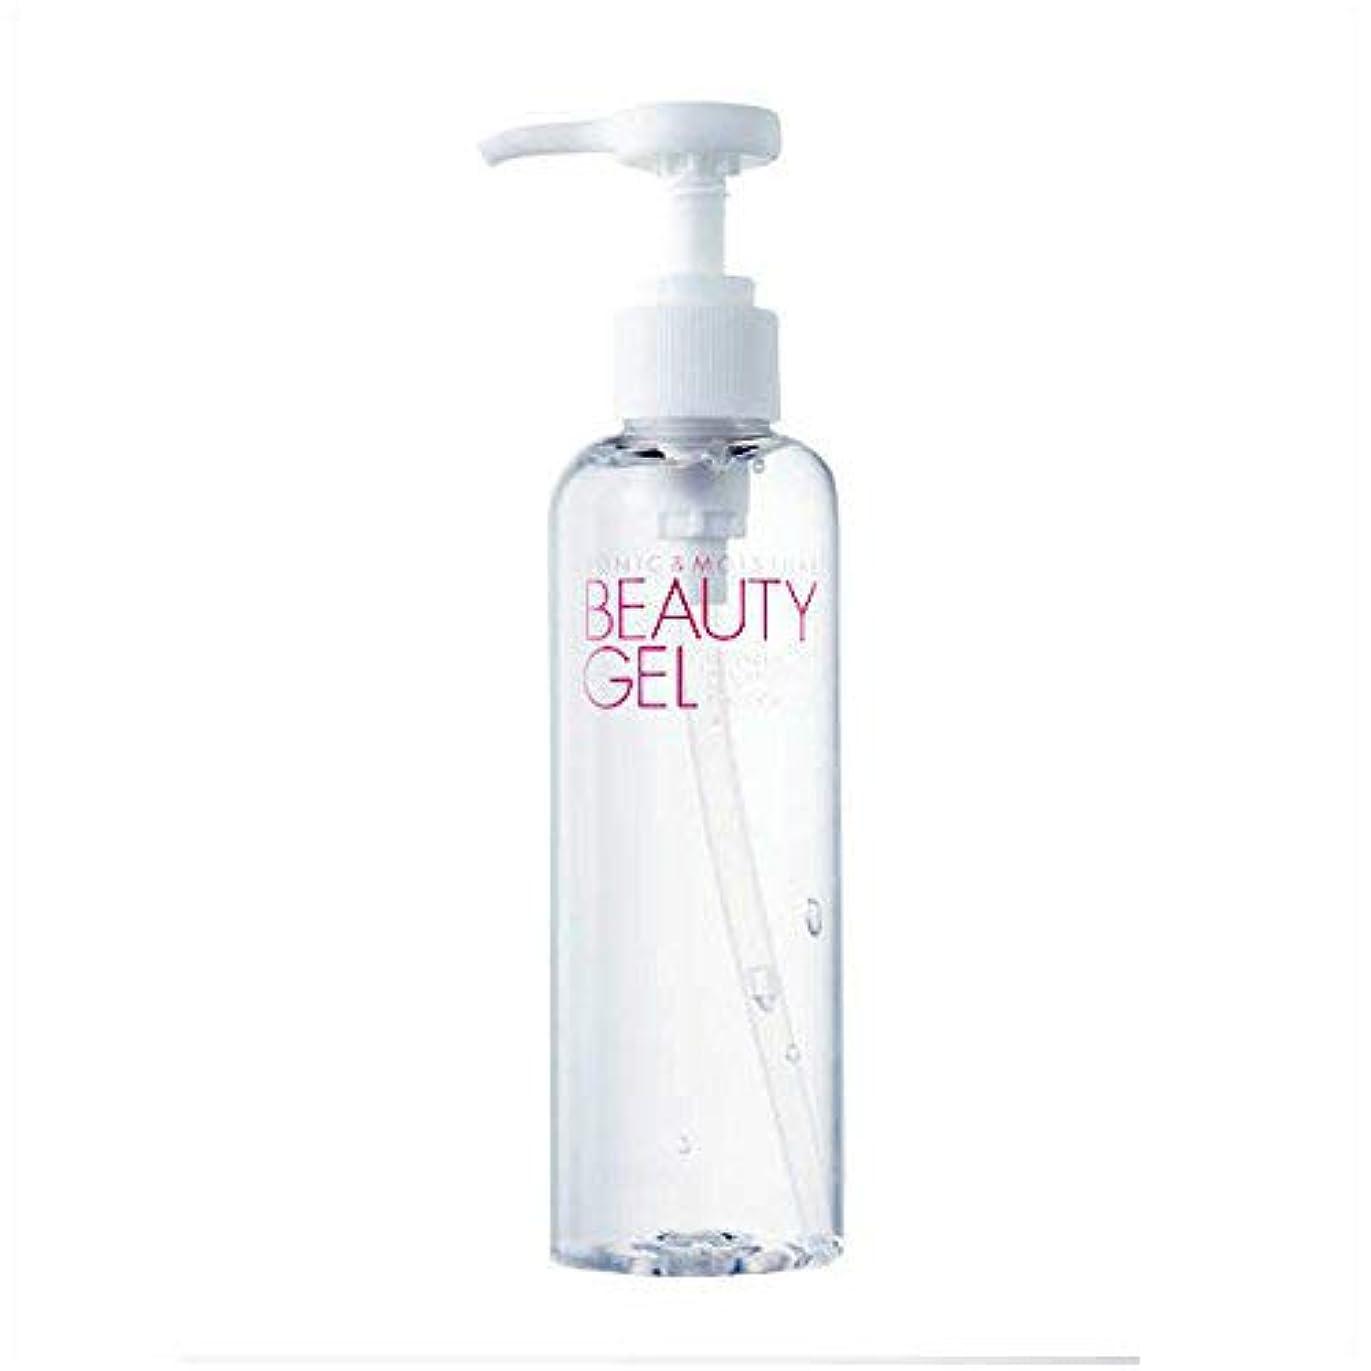 ビジター医療のコマースエビス化粧品(EBiS) 美顔器ジェル ビューティージェル 210g 超音波美顔器ジェル ツインエレナイザーpro2対応